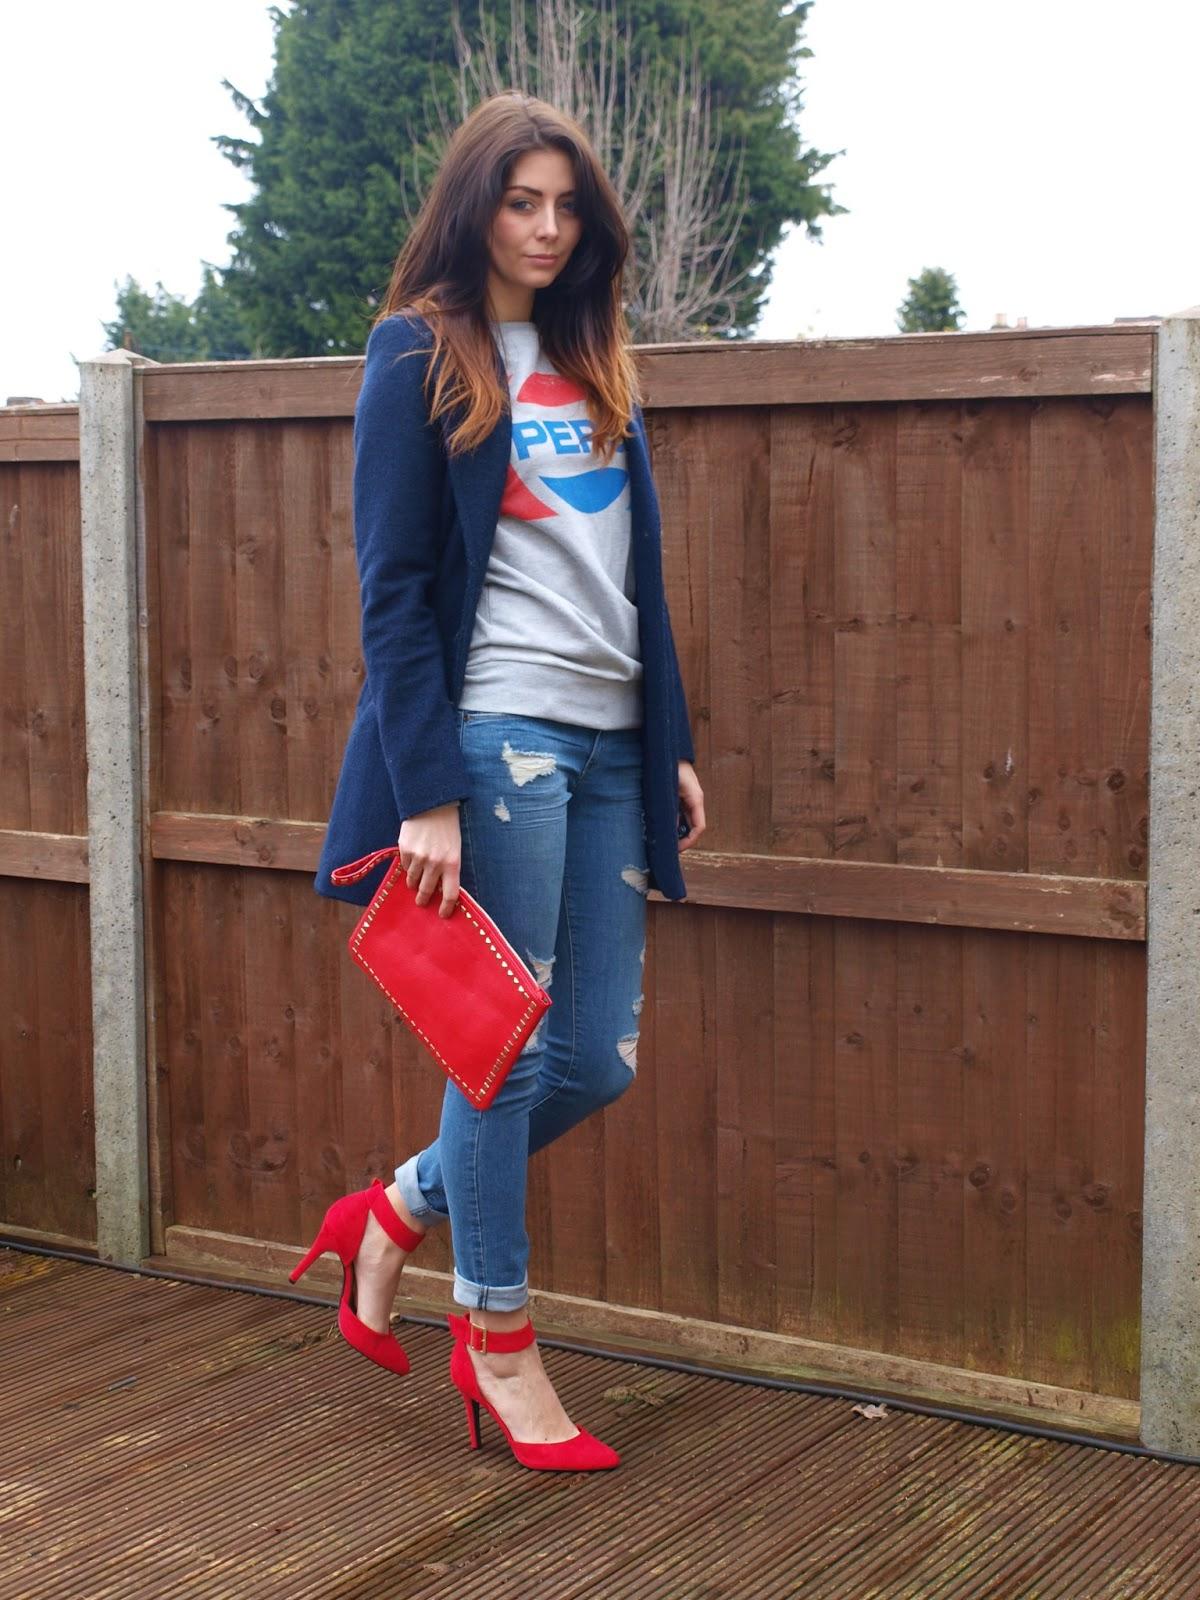 Красные босоножки с джинсами и синим жакетом